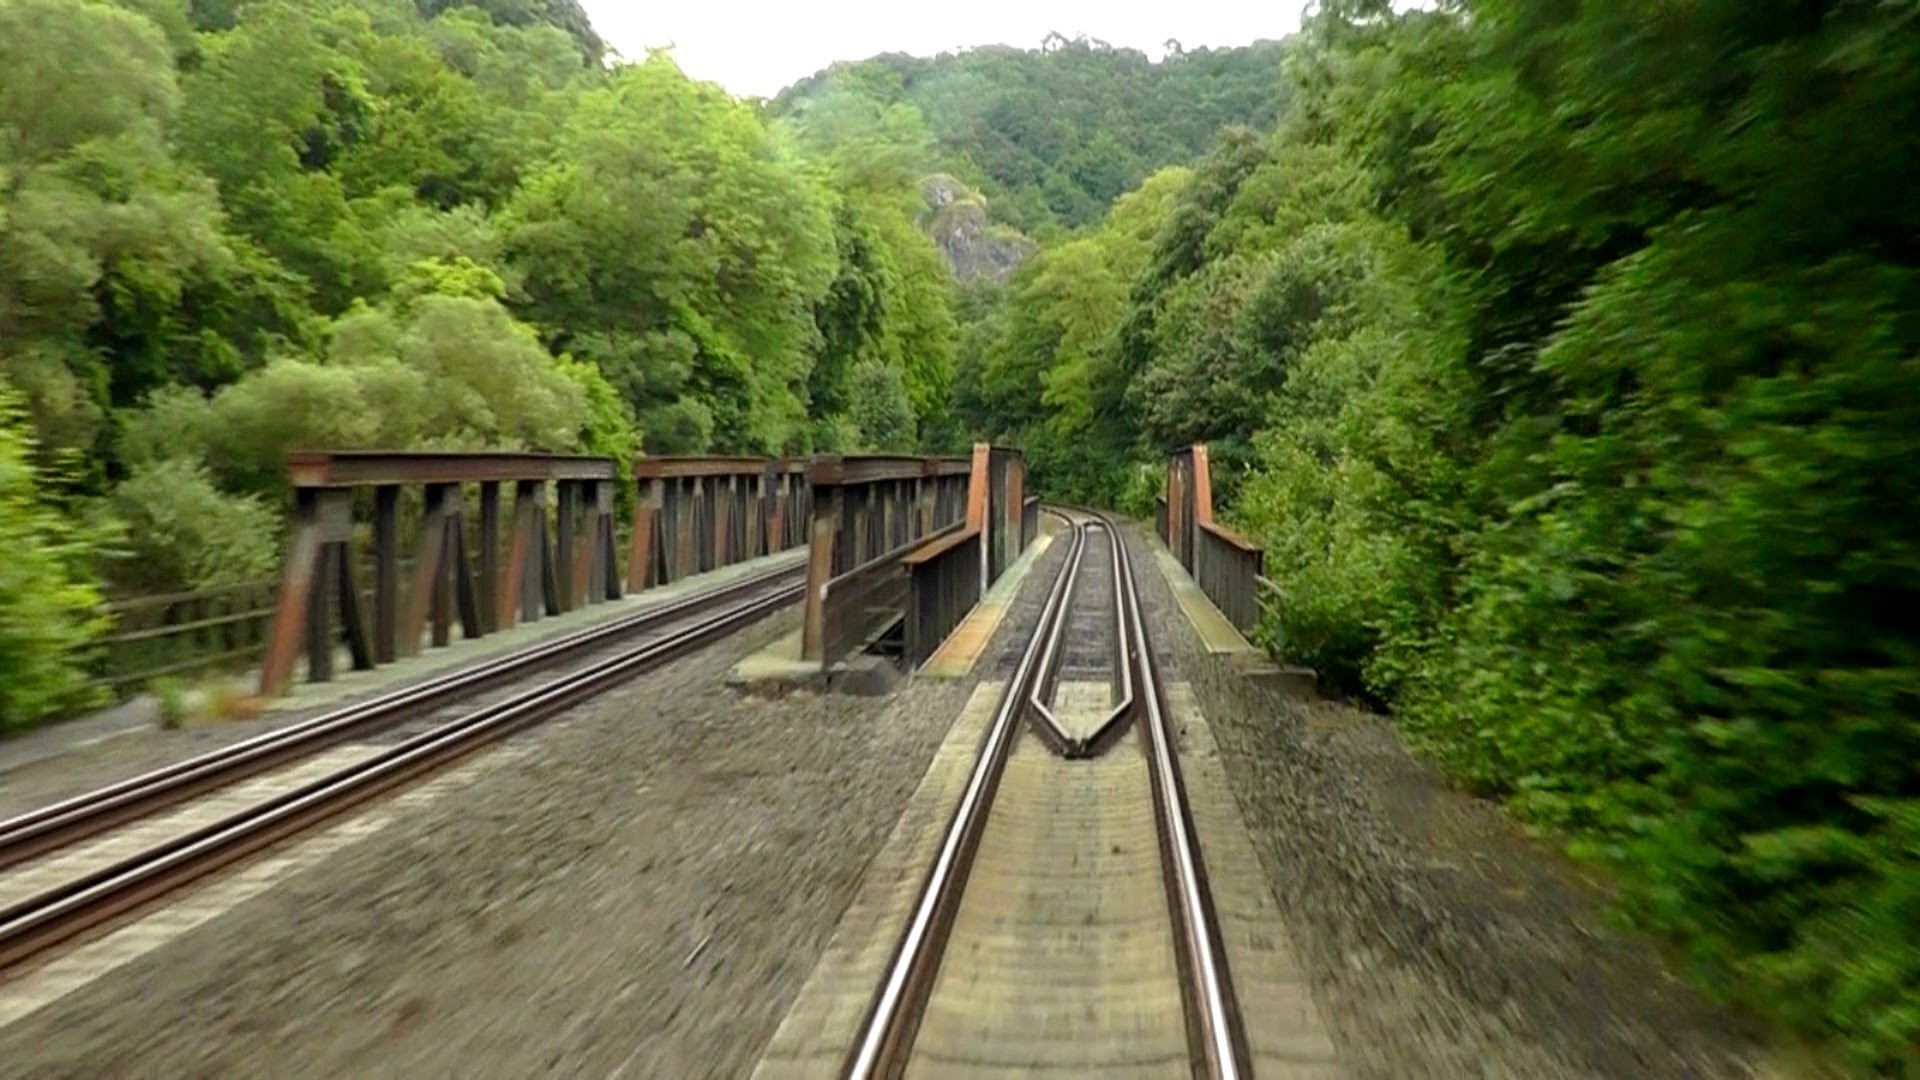 DB Bahn – Führerstand Mitfahrt – Nr. 24 Teil 2 / 3 – Von Saarbrücken Hbf nach Mainz Hbf